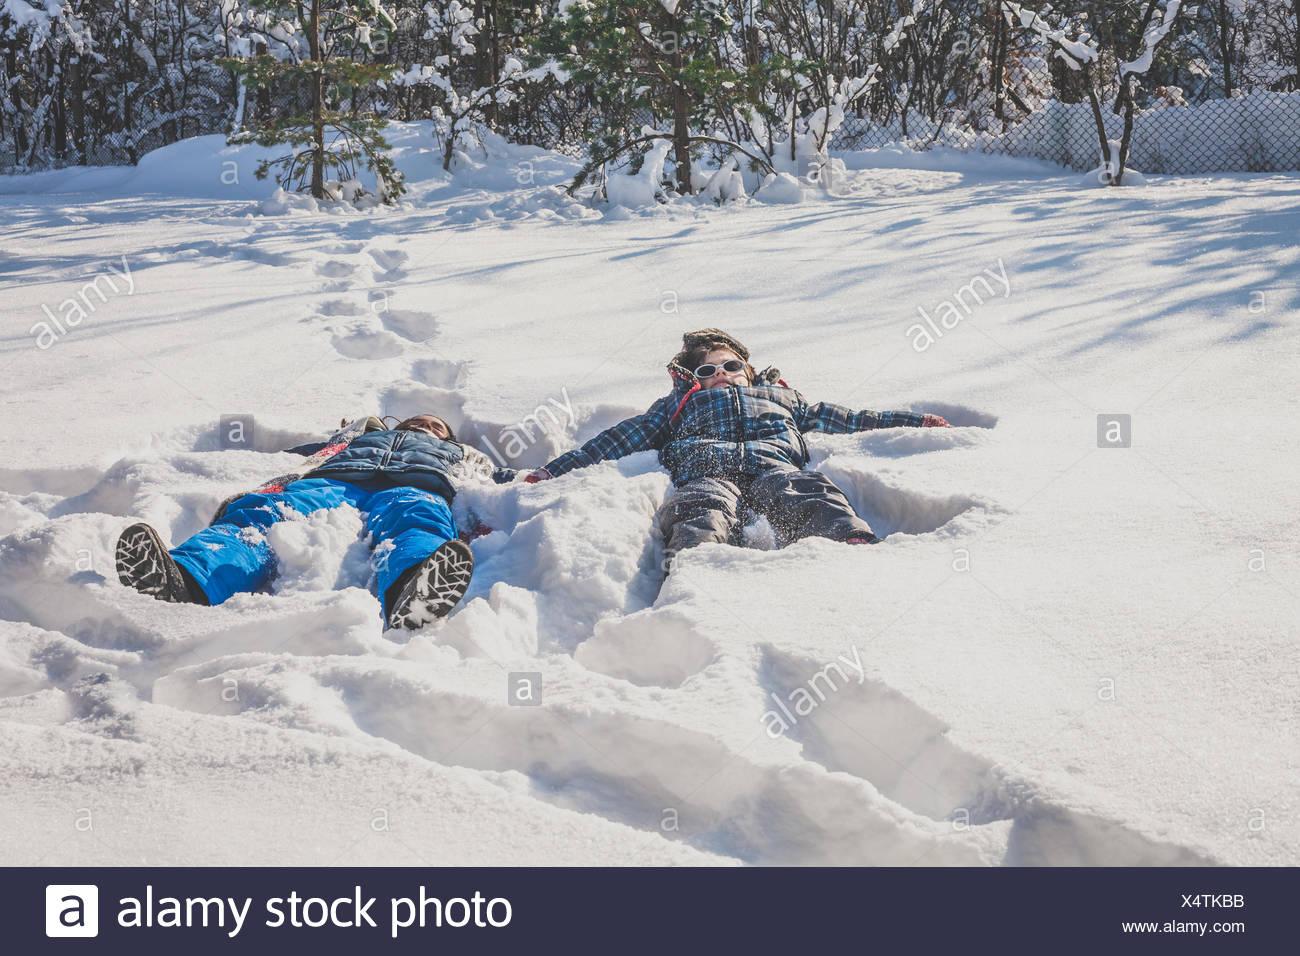 Un ragazzo e una ragazza che giace in snow making angeli di neve nella neve Immagini Stock